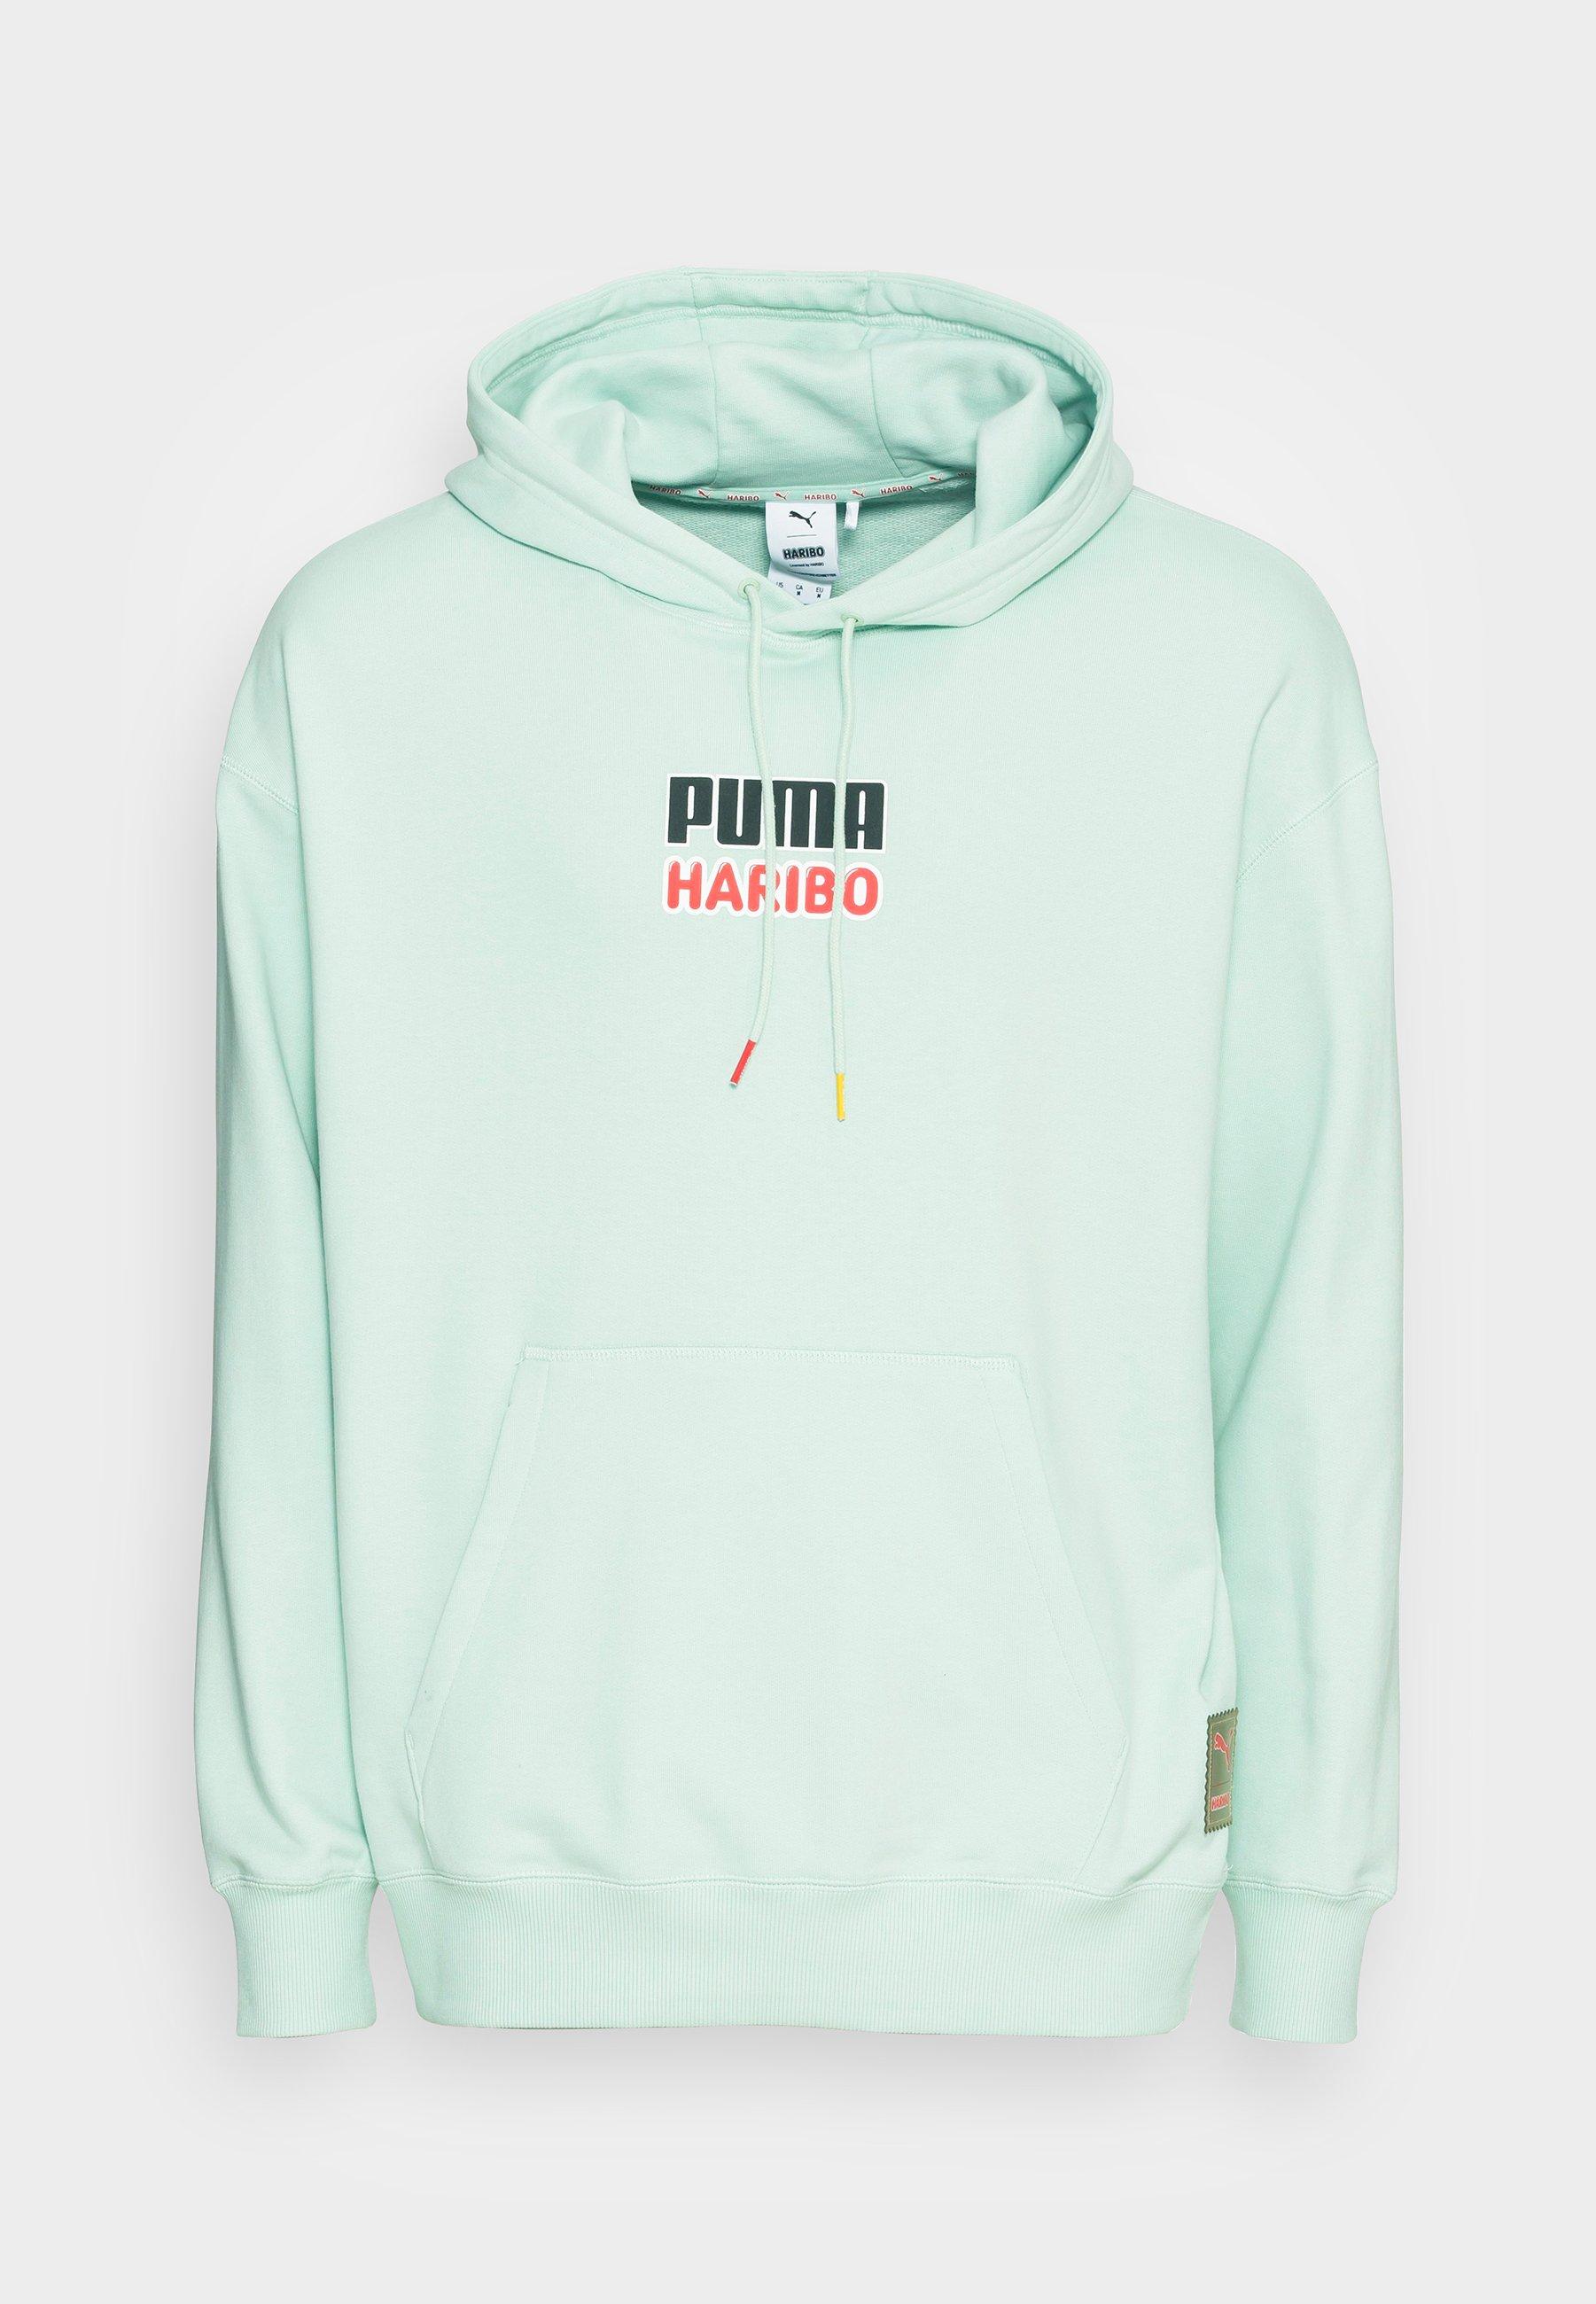 Homme PUMA HARIBO HOODIE - Sweatshirt